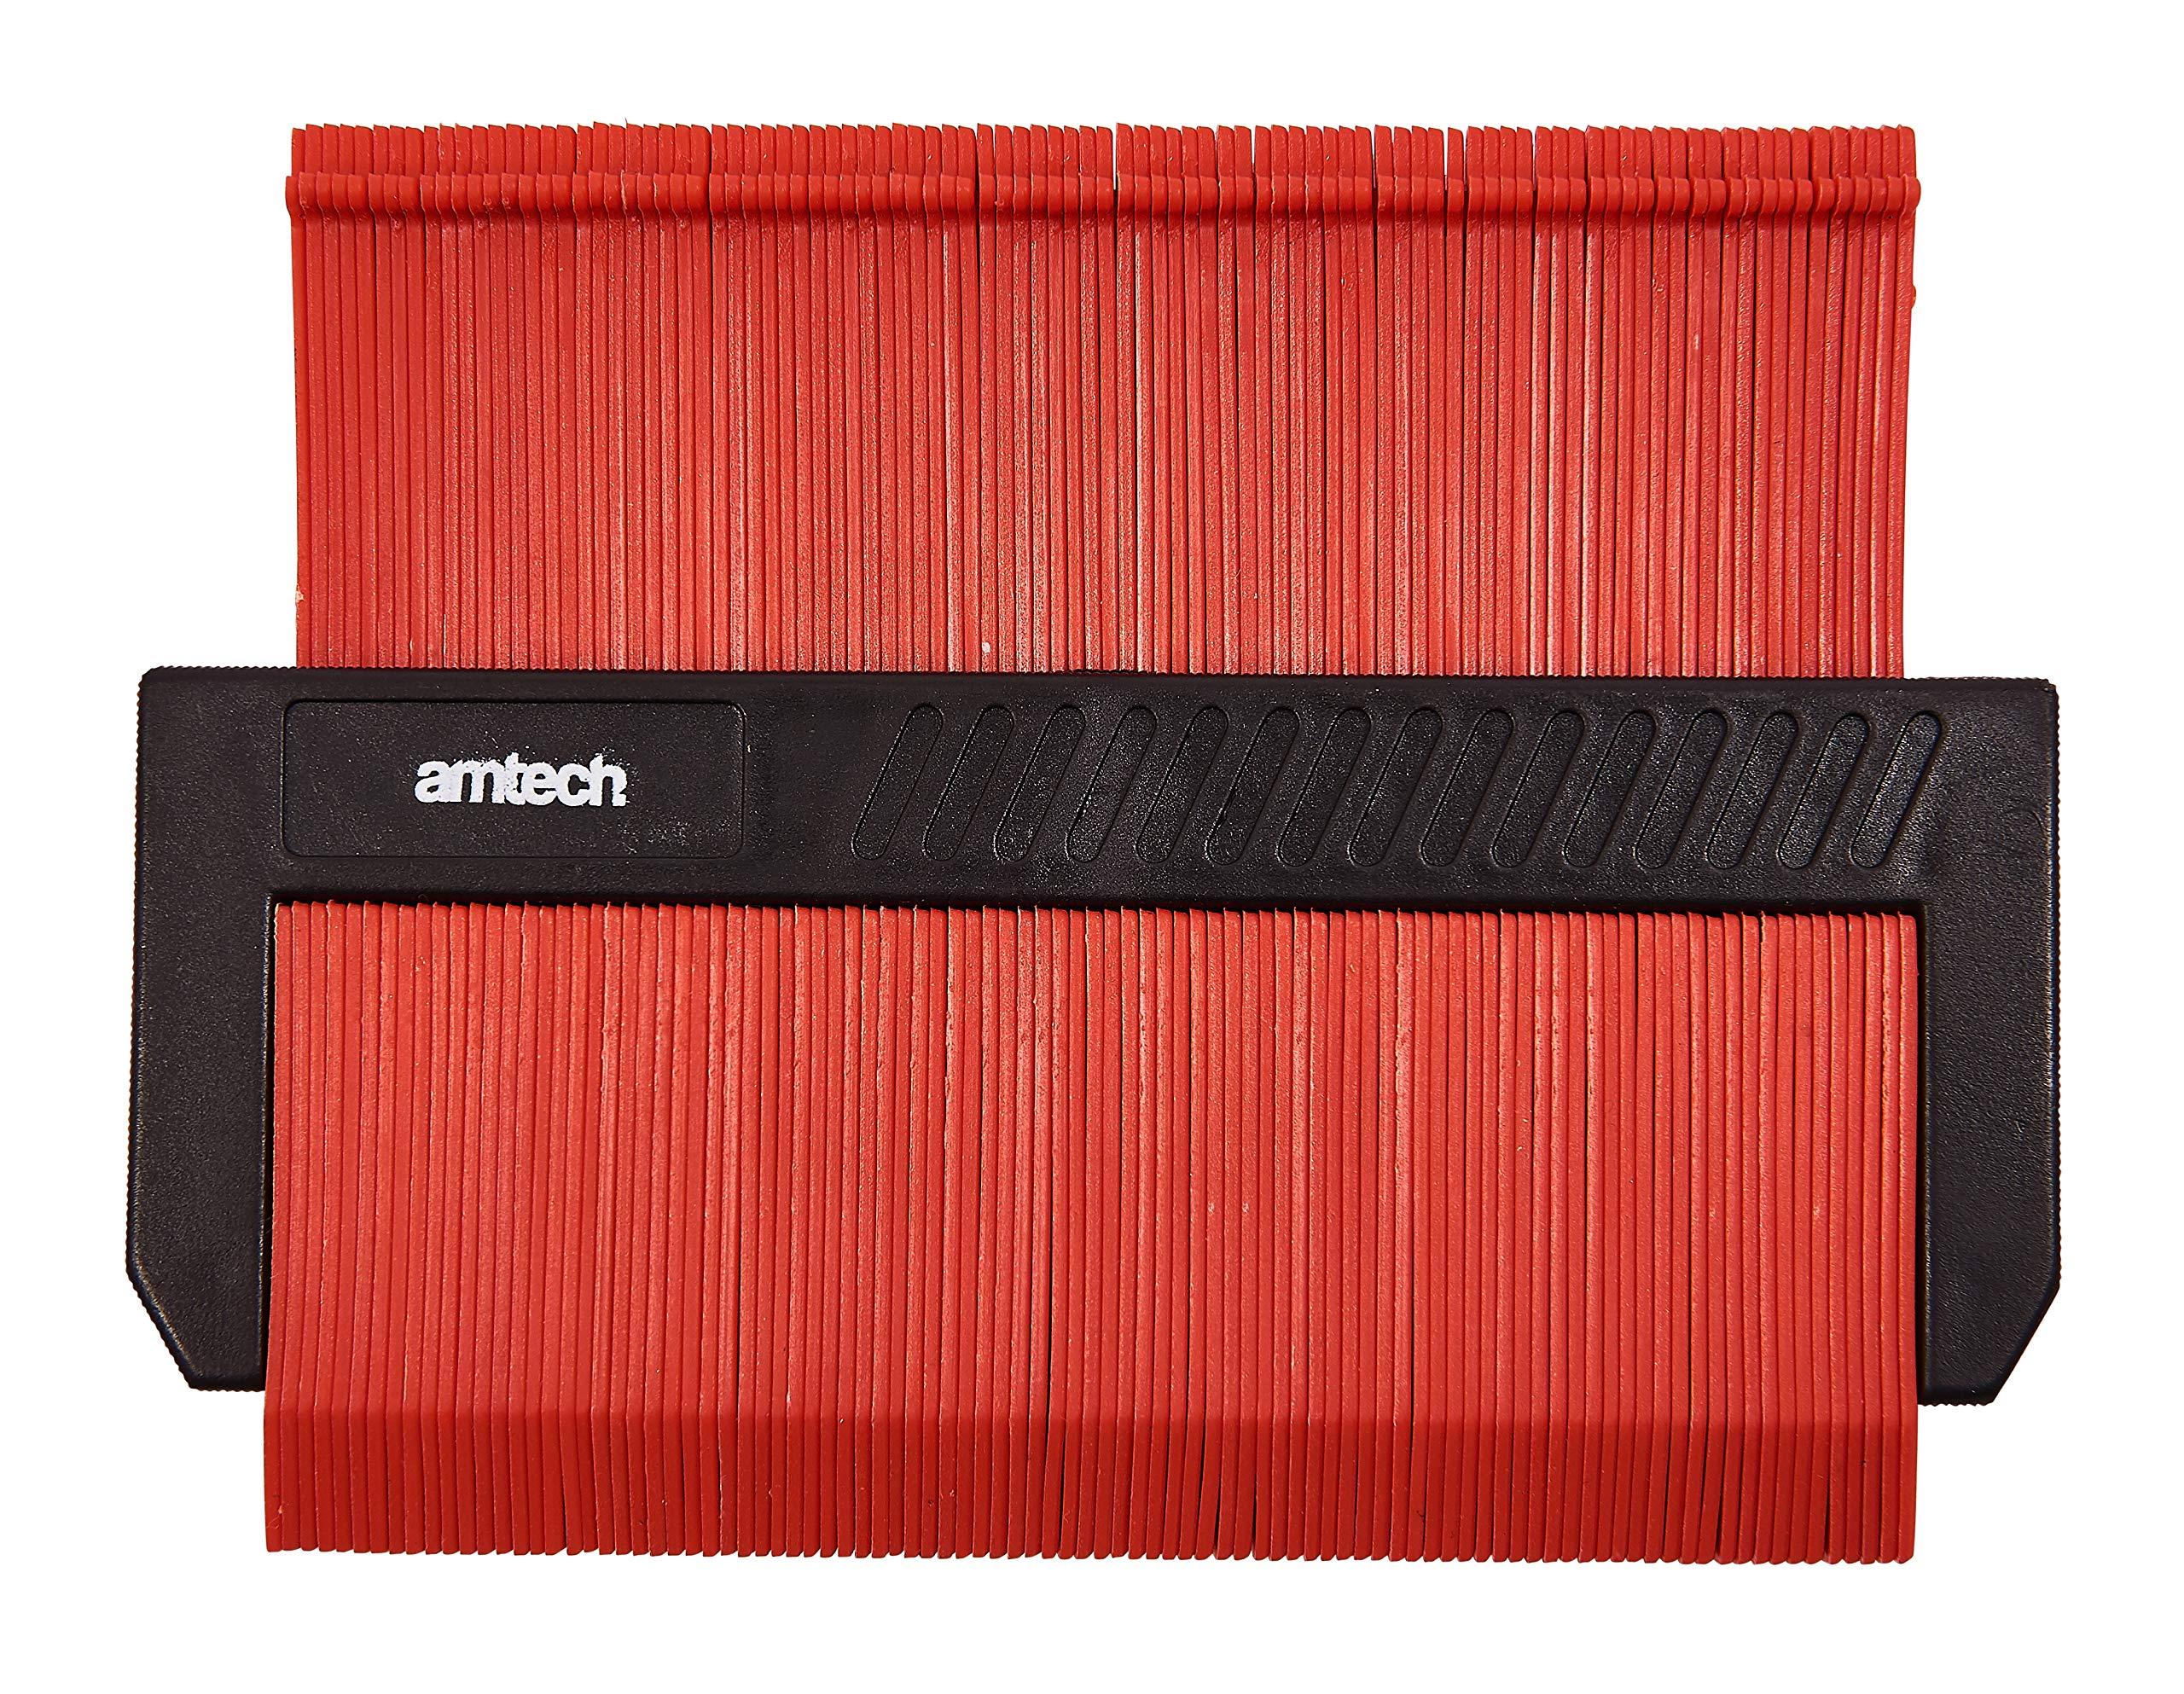 Amtech P3200 Metal Contour Gauge